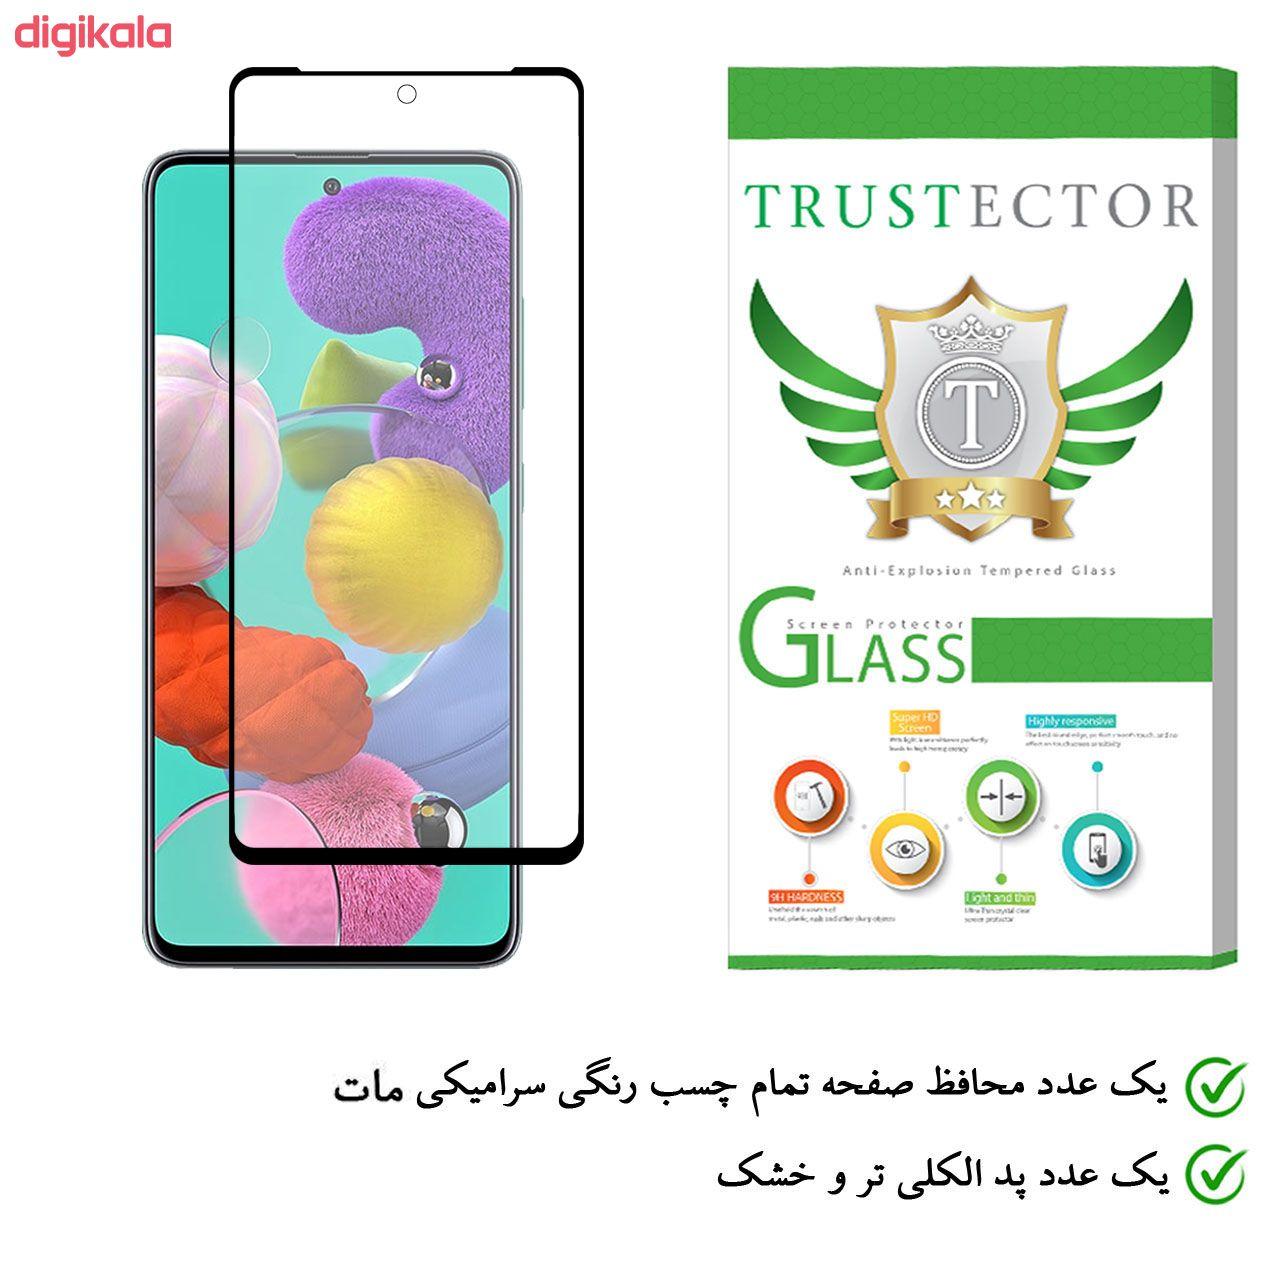 محافظ صفحه نمایش سرامیکی تراستکتور مدل CMT مناسب برای گوشی موبایل سامسونگ Galaxy A51 main 1 1